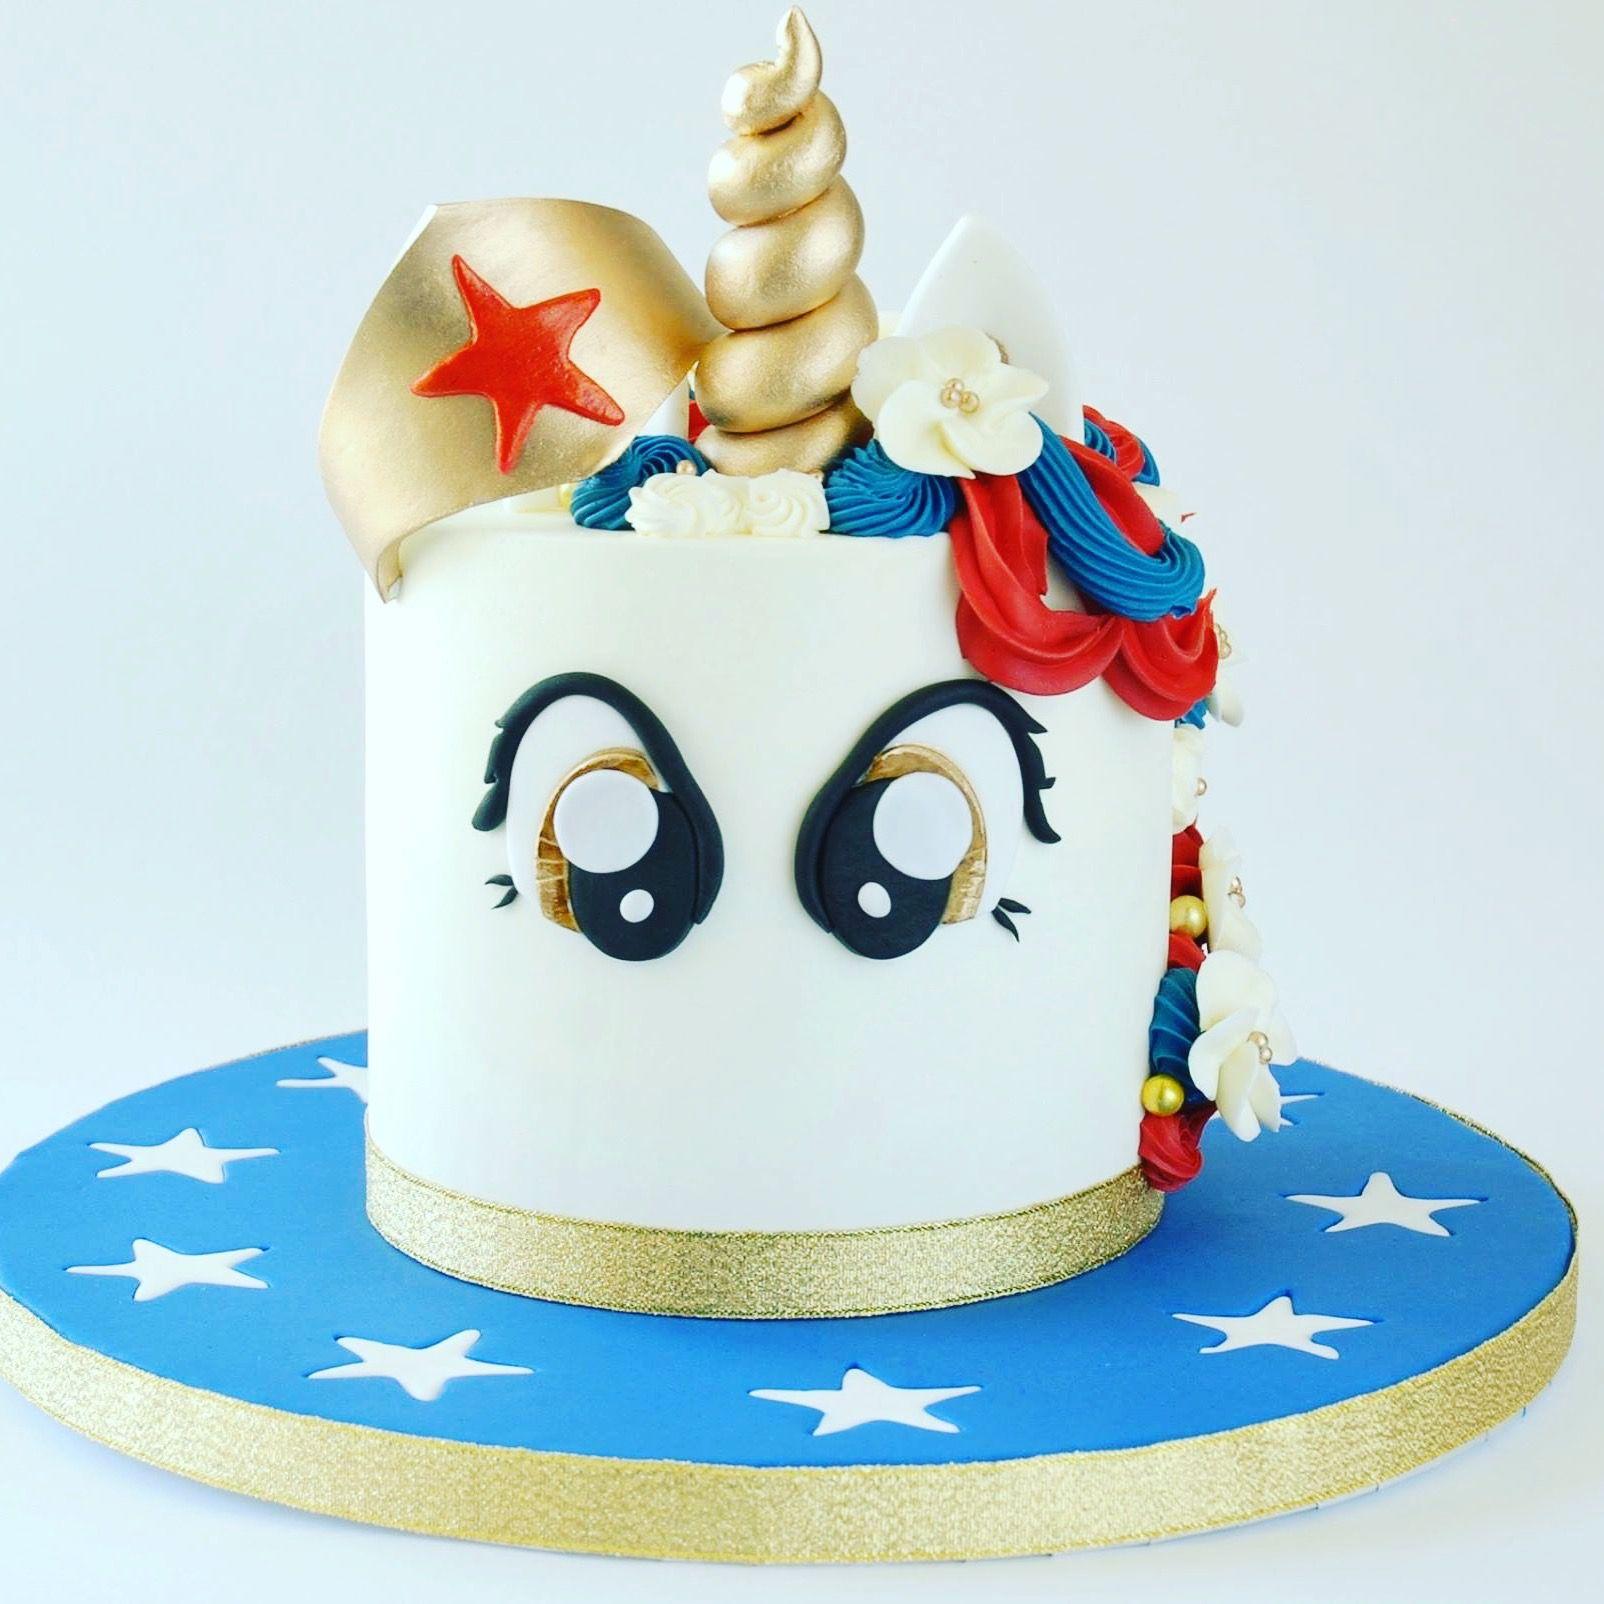 Wonder Woman Unicorn Cake Cooking Pinterest Cake Wonder Woman